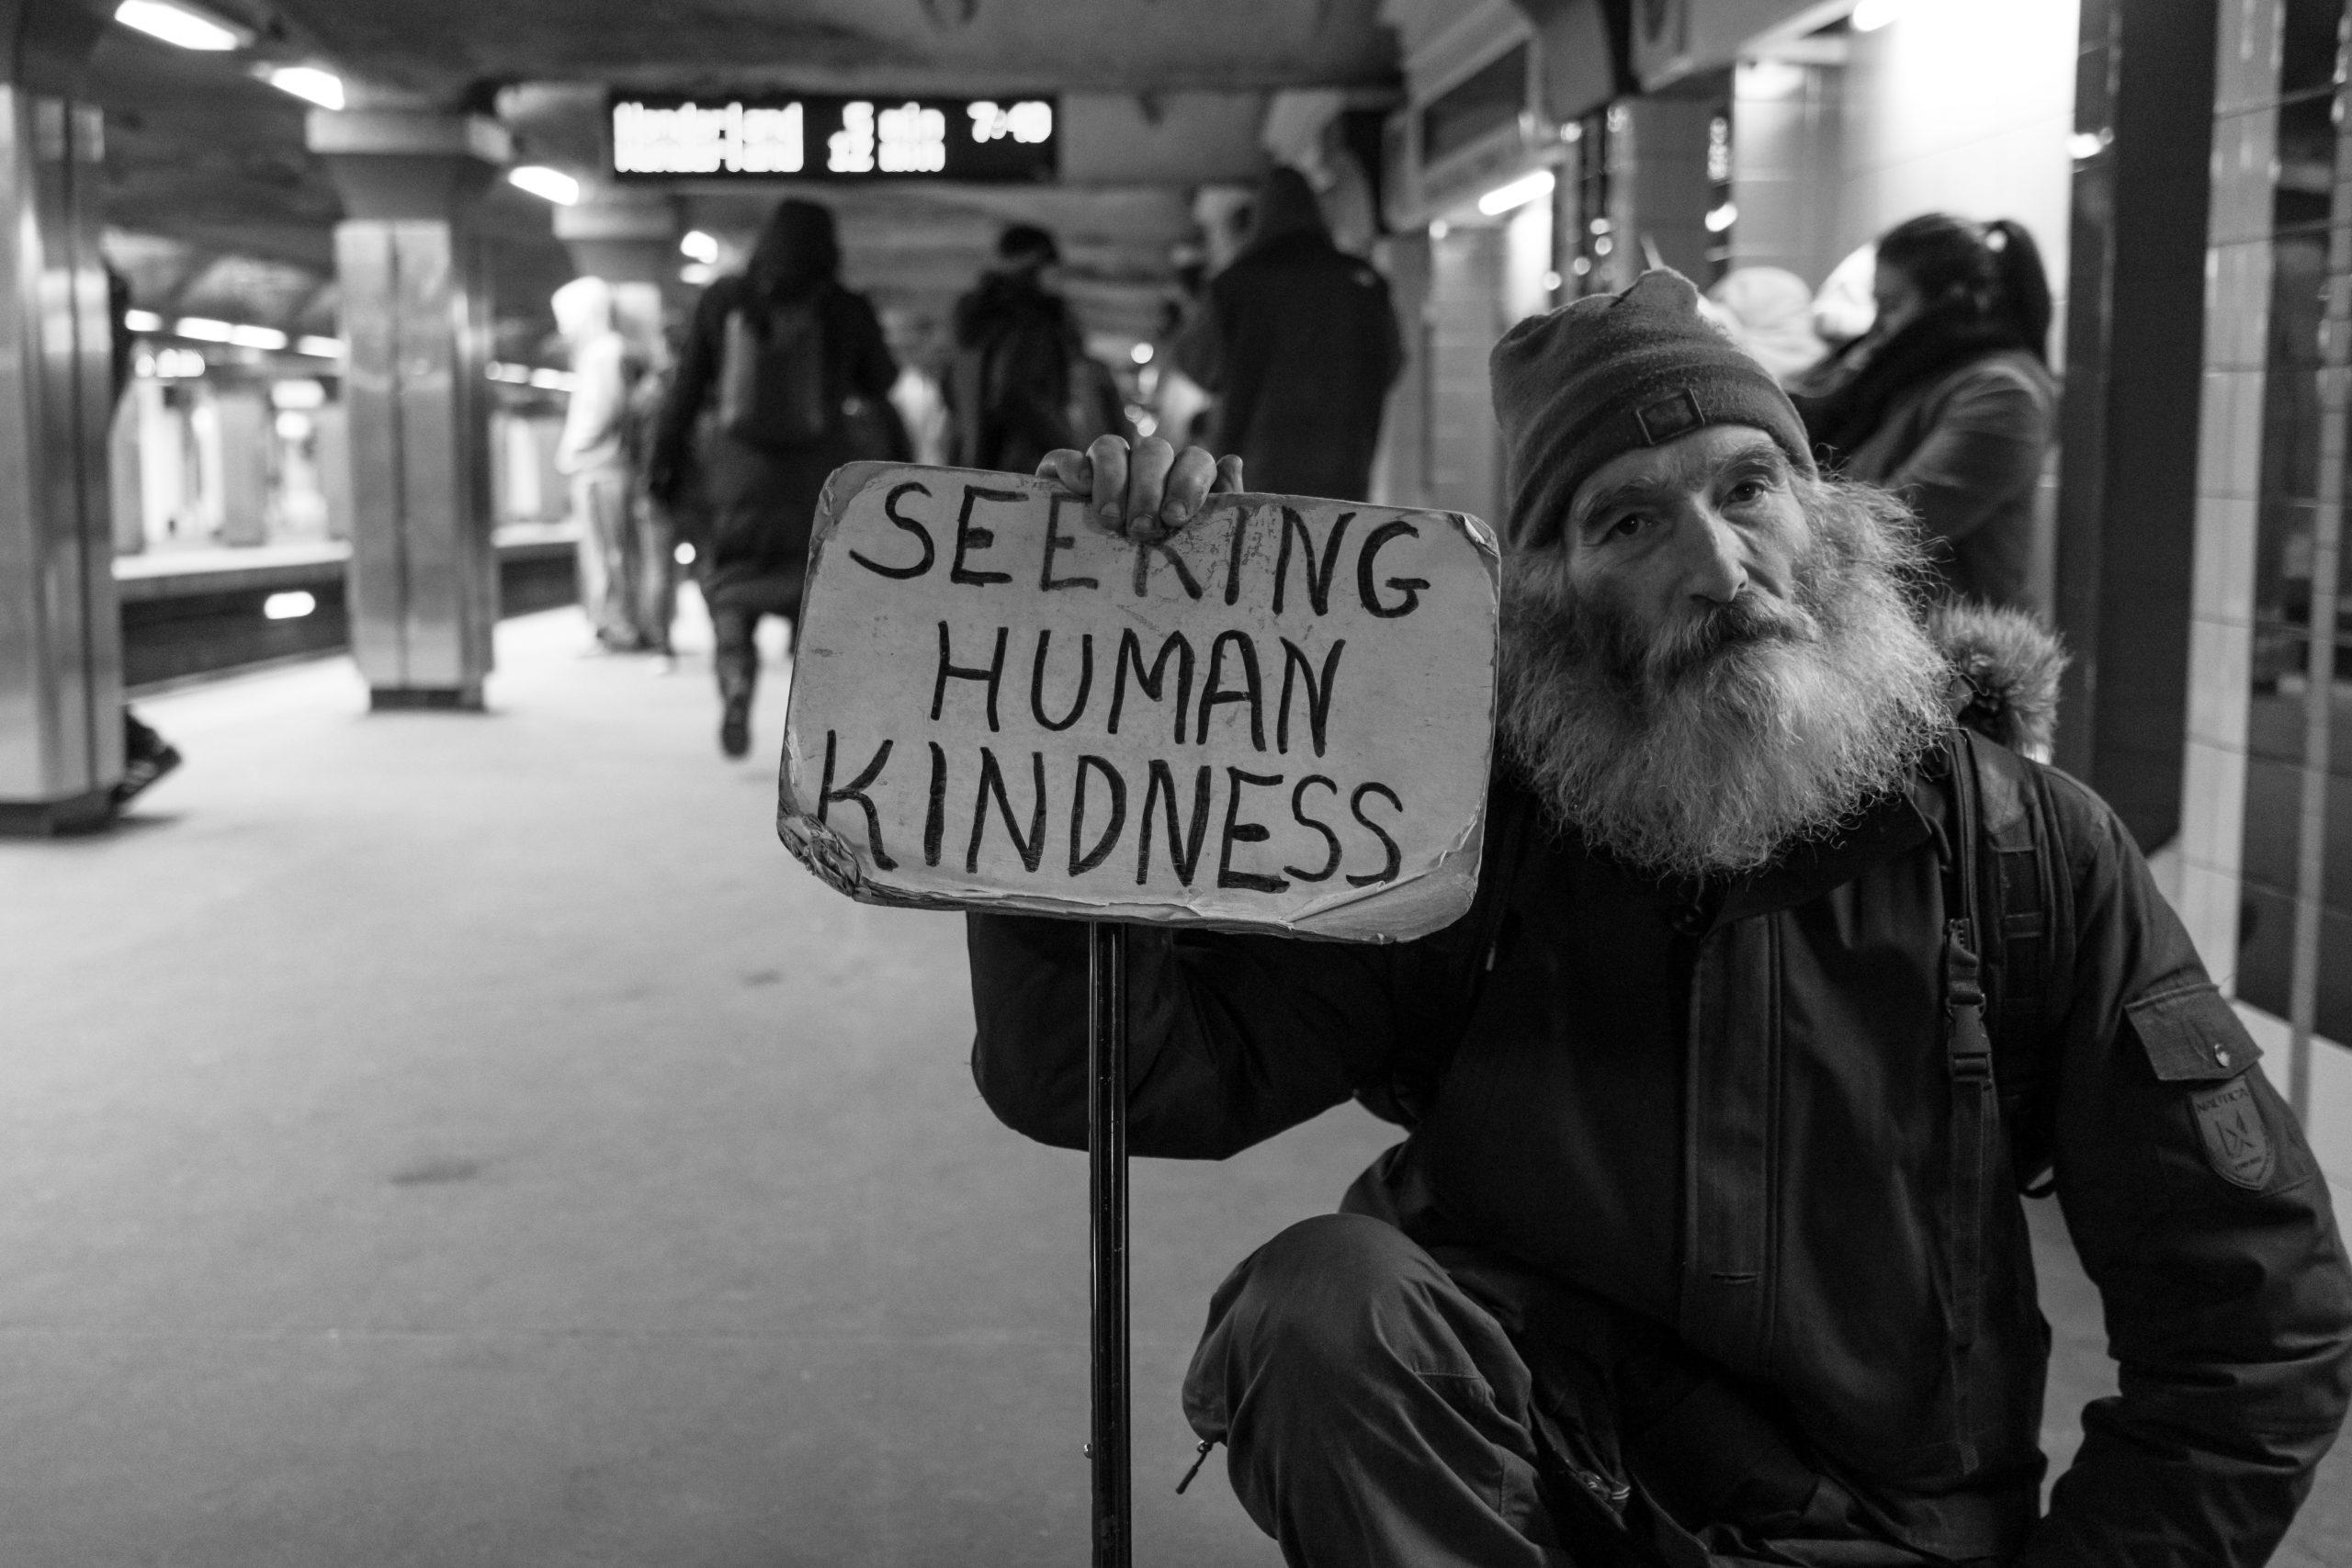 volunteering to help homeless